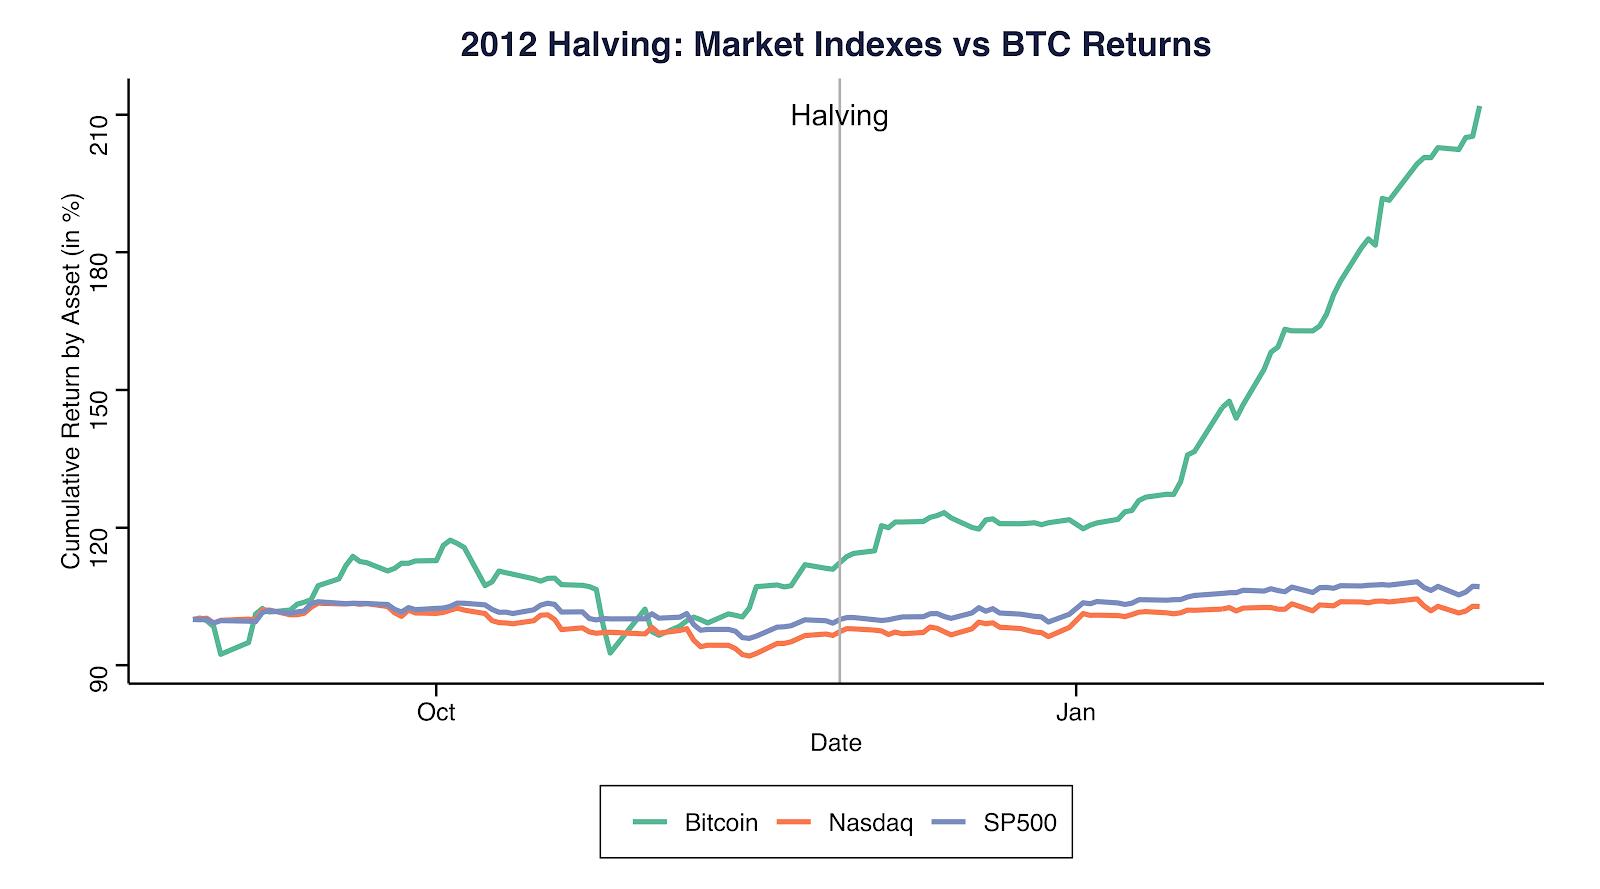 Halving de 2012: Índices de mercado vs. rendimientos de BTC. Fuente: Coinmetrics.io